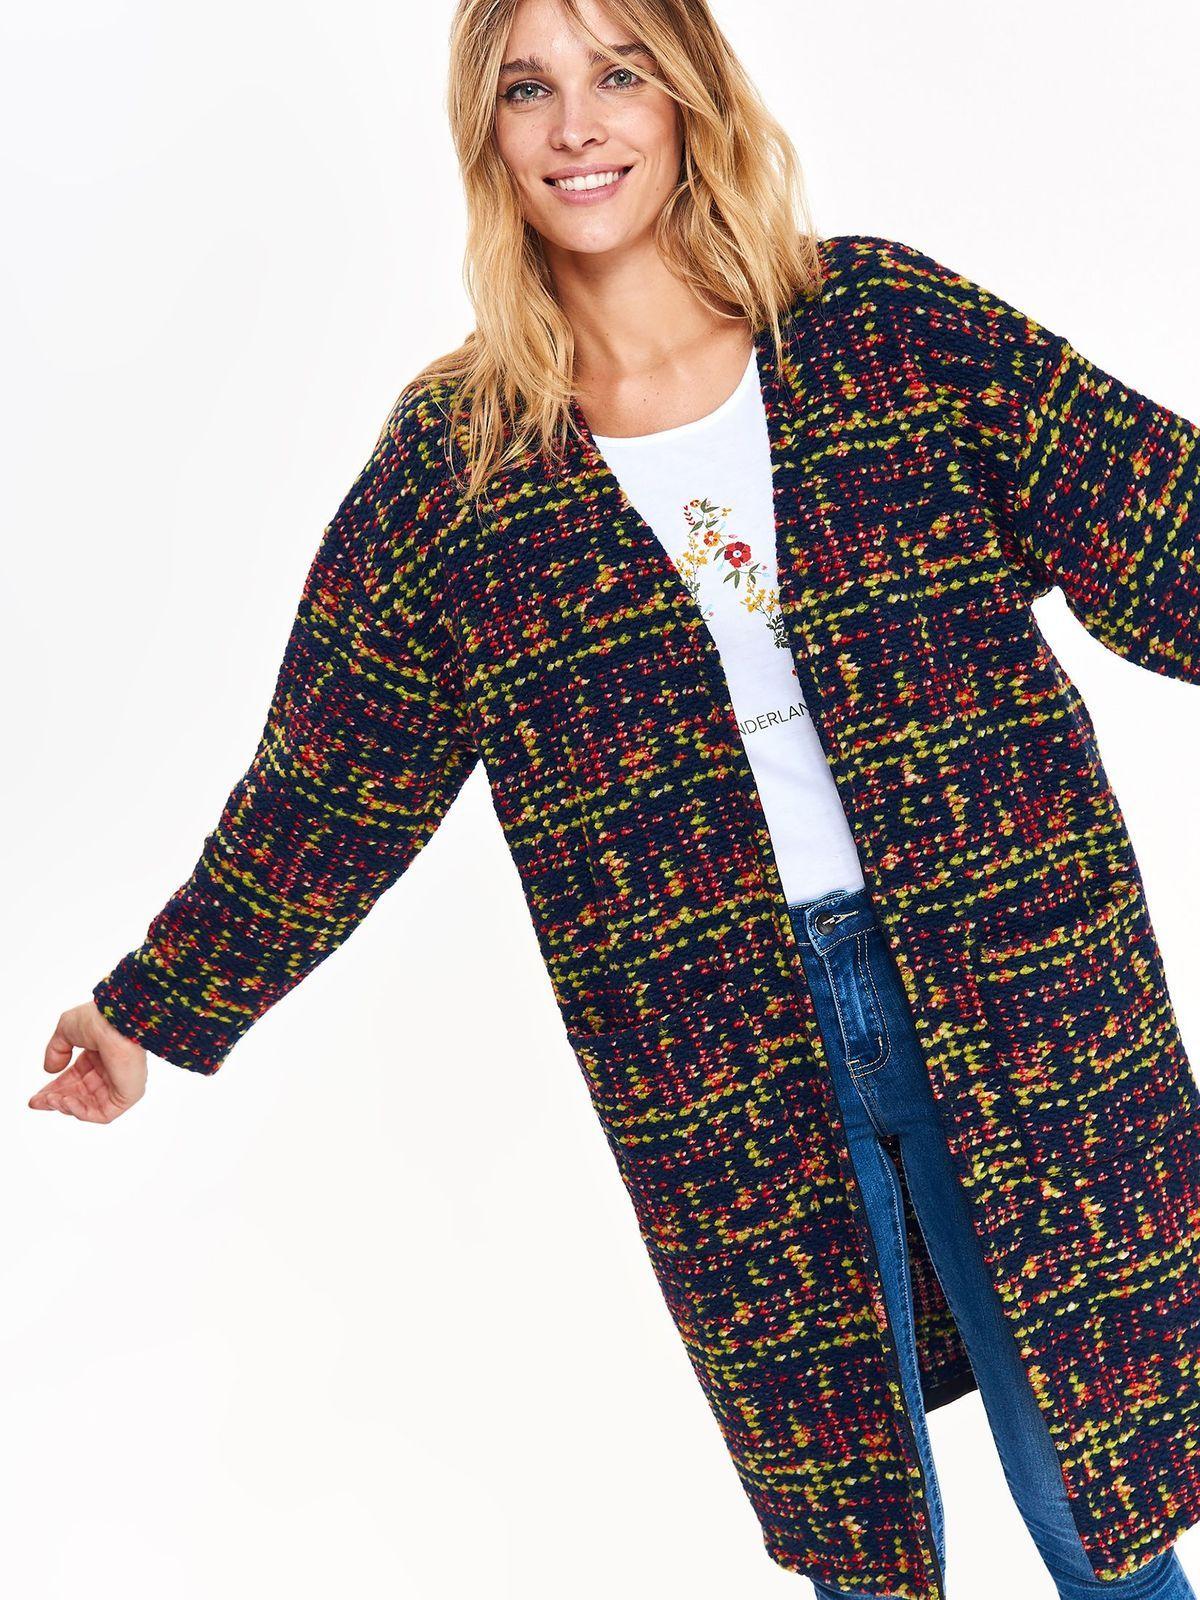 1c4ebd56d5726 Płaszcz damski kolorowy - SPZ0488 płaszcz - TOP SECRET - Odzieżowy sklep  internetowy TOP SECRET